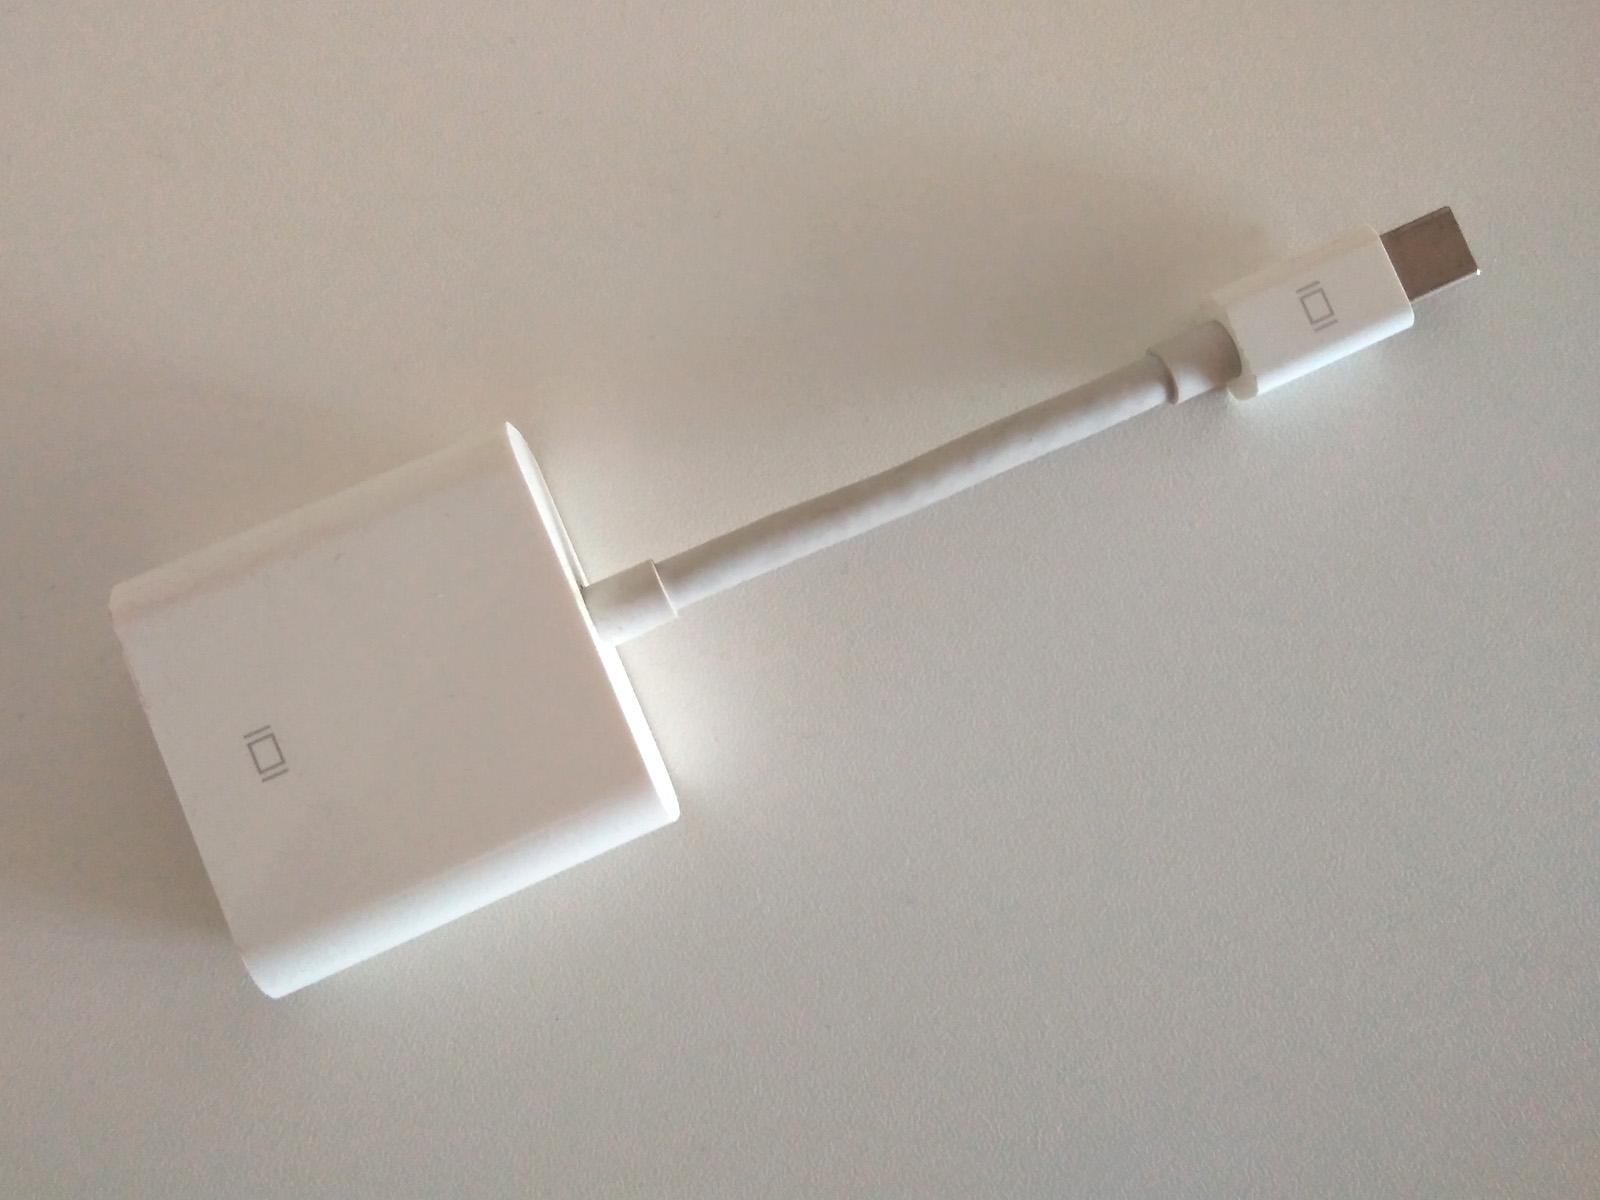 MacBook Pro 外部モニター2台 トリプルディスプレイ Mini DisplayPort to DIV 変換アダプター